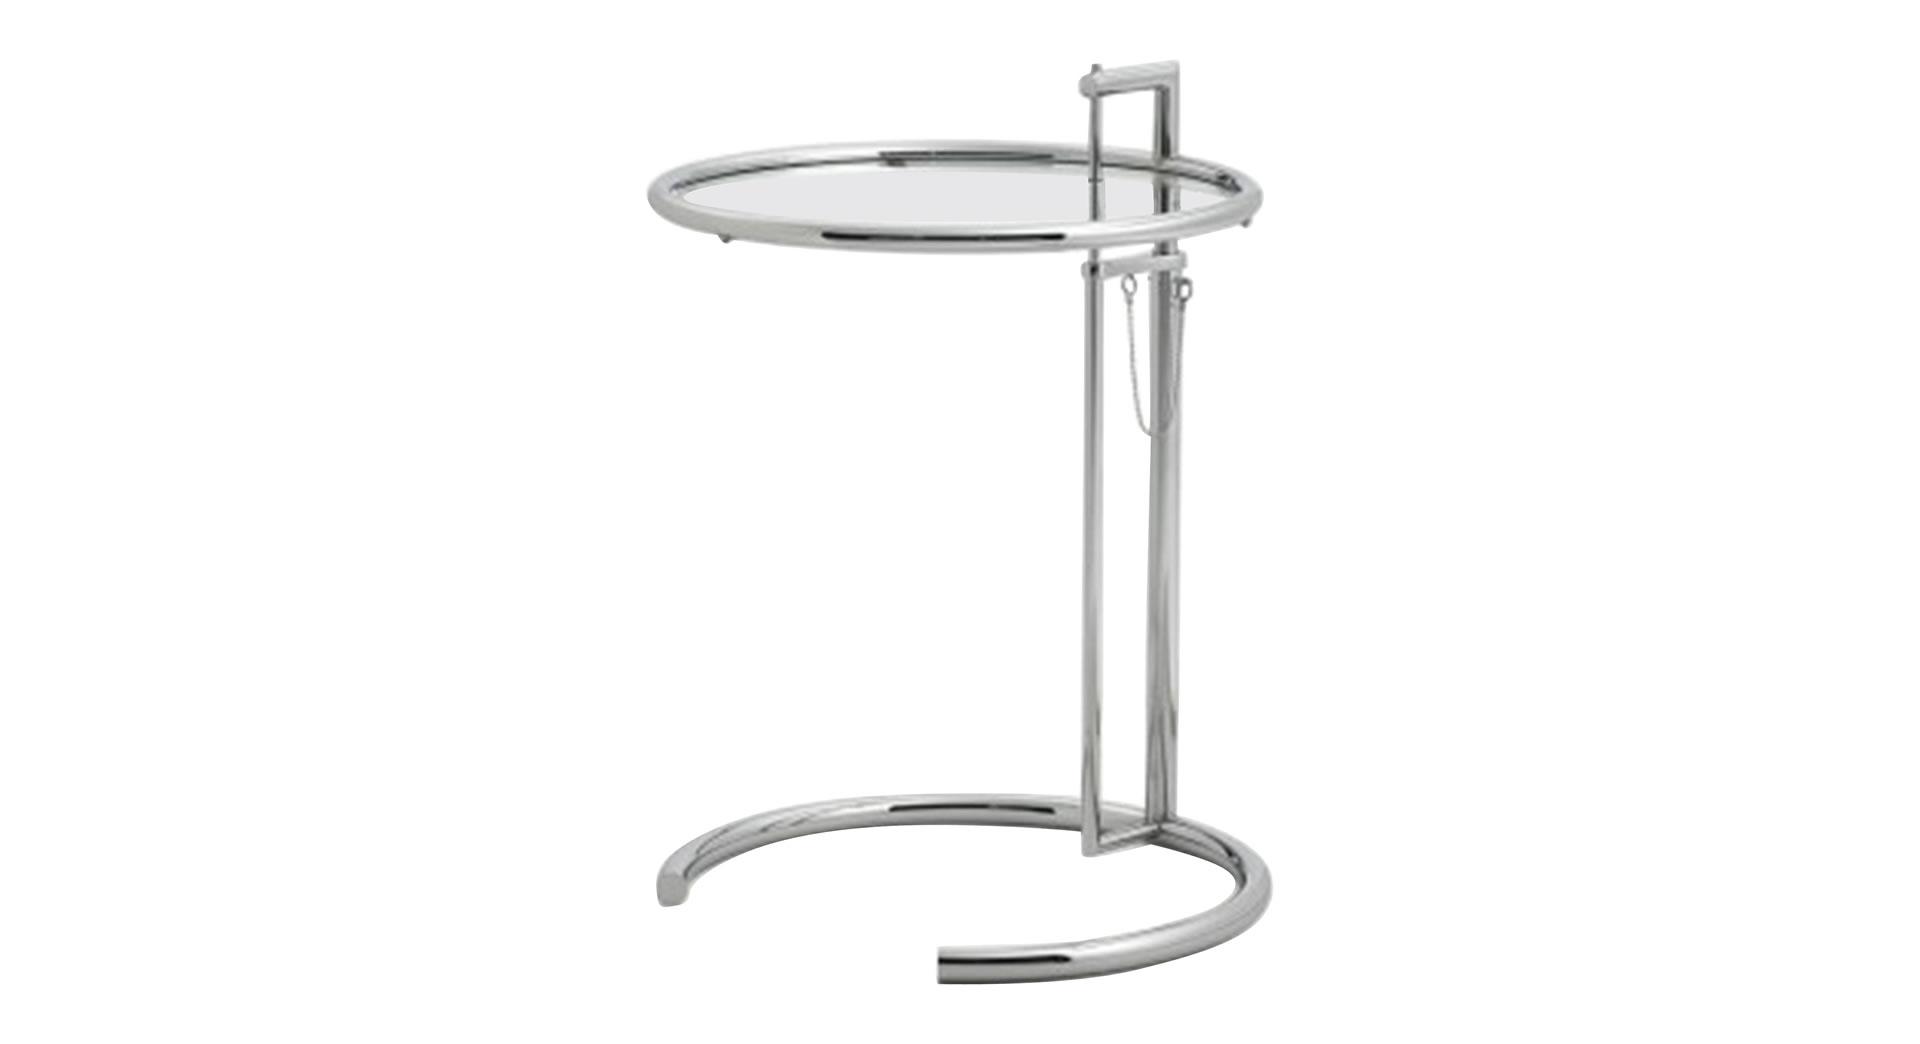 adjustable table e 1027 classicon small table adjustable table e 1027 classicon classicon. Black Bedroom Furniture Sets. Home Design Ideas